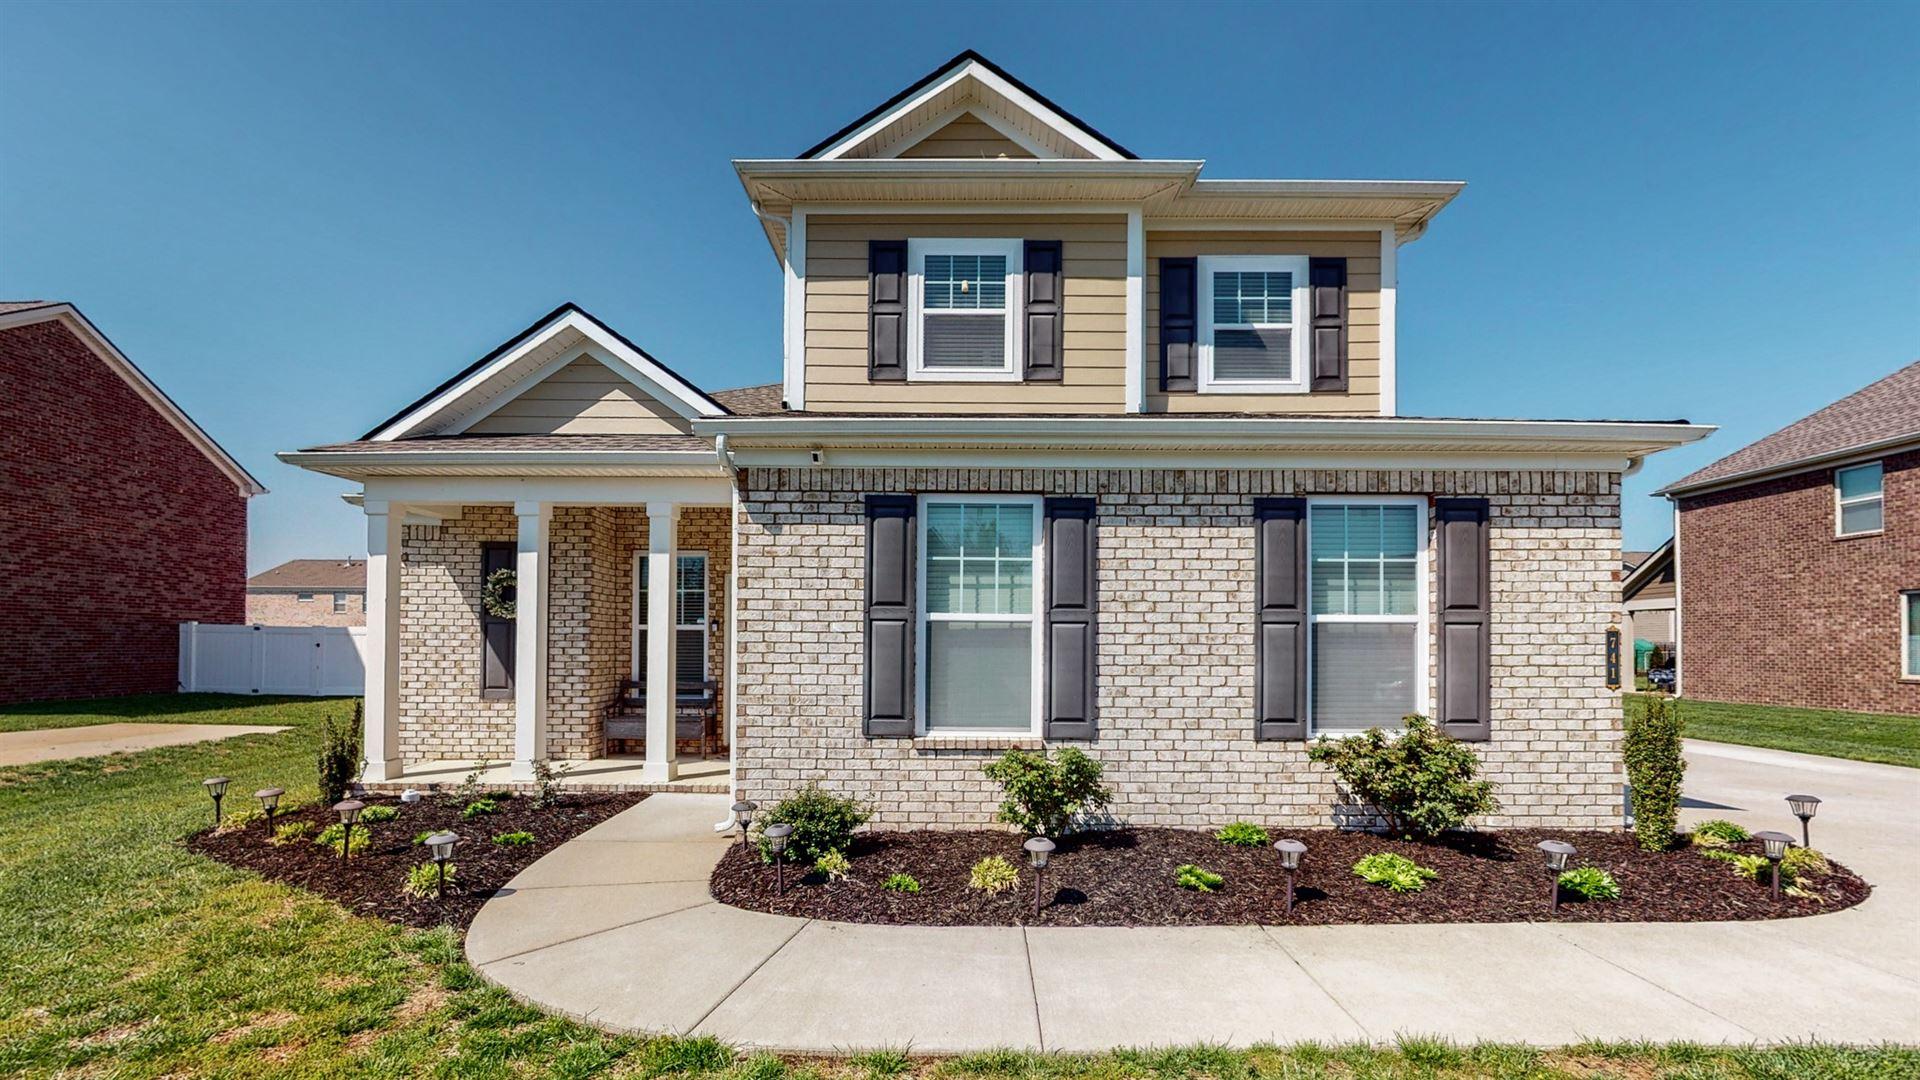 Photo of 741 Sapphire Dr, Murfreesboro, TN 37128 (MLS # 2244595)